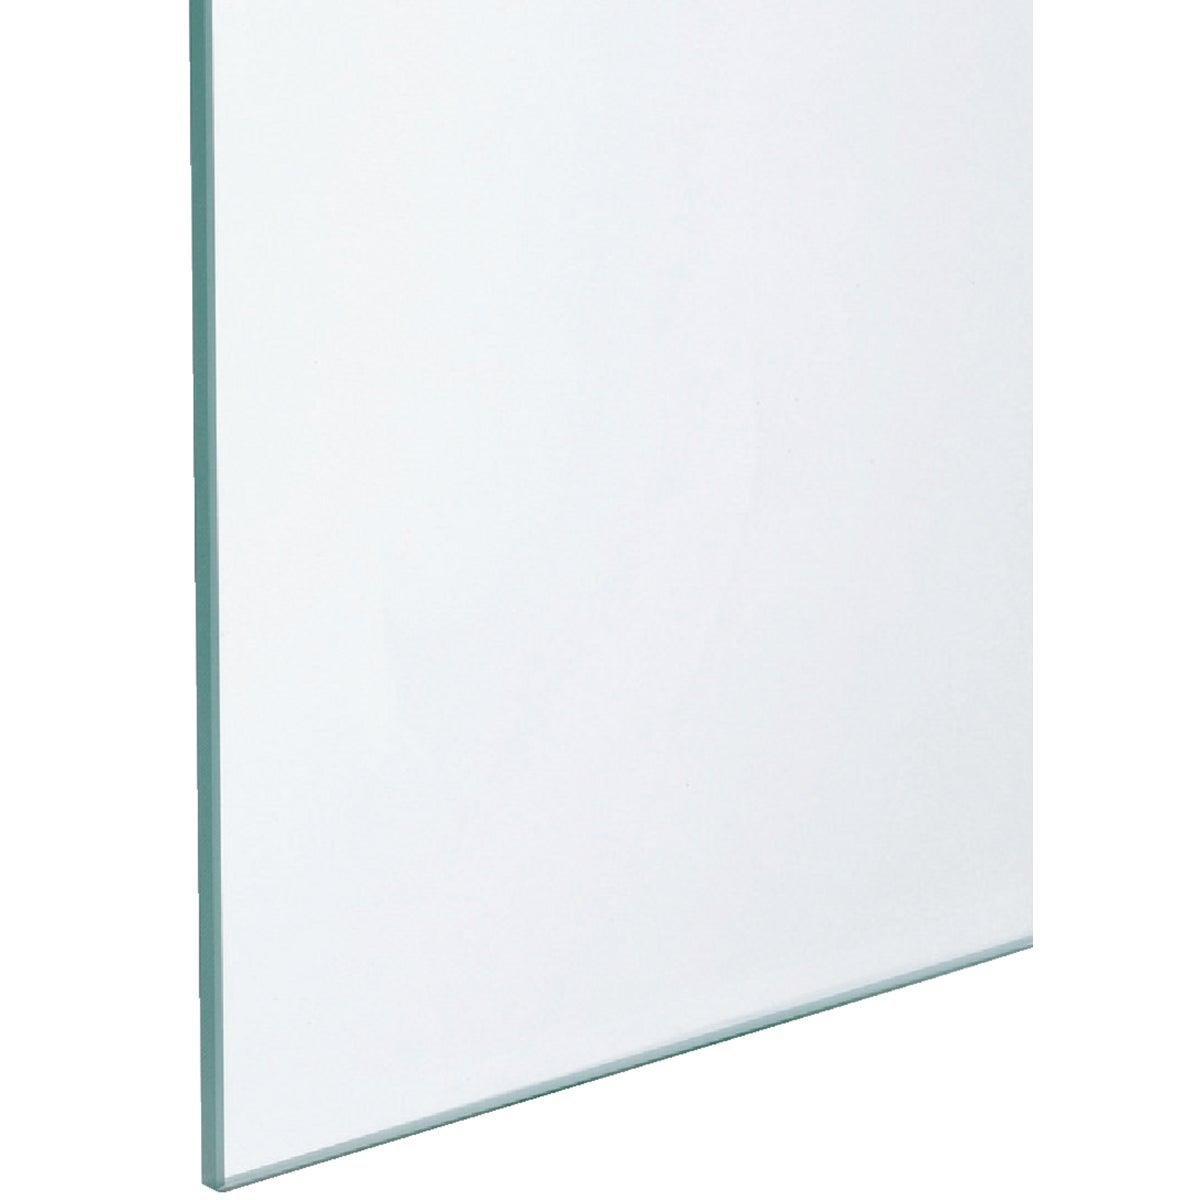 20X28 SSB WINDOW GLASS13